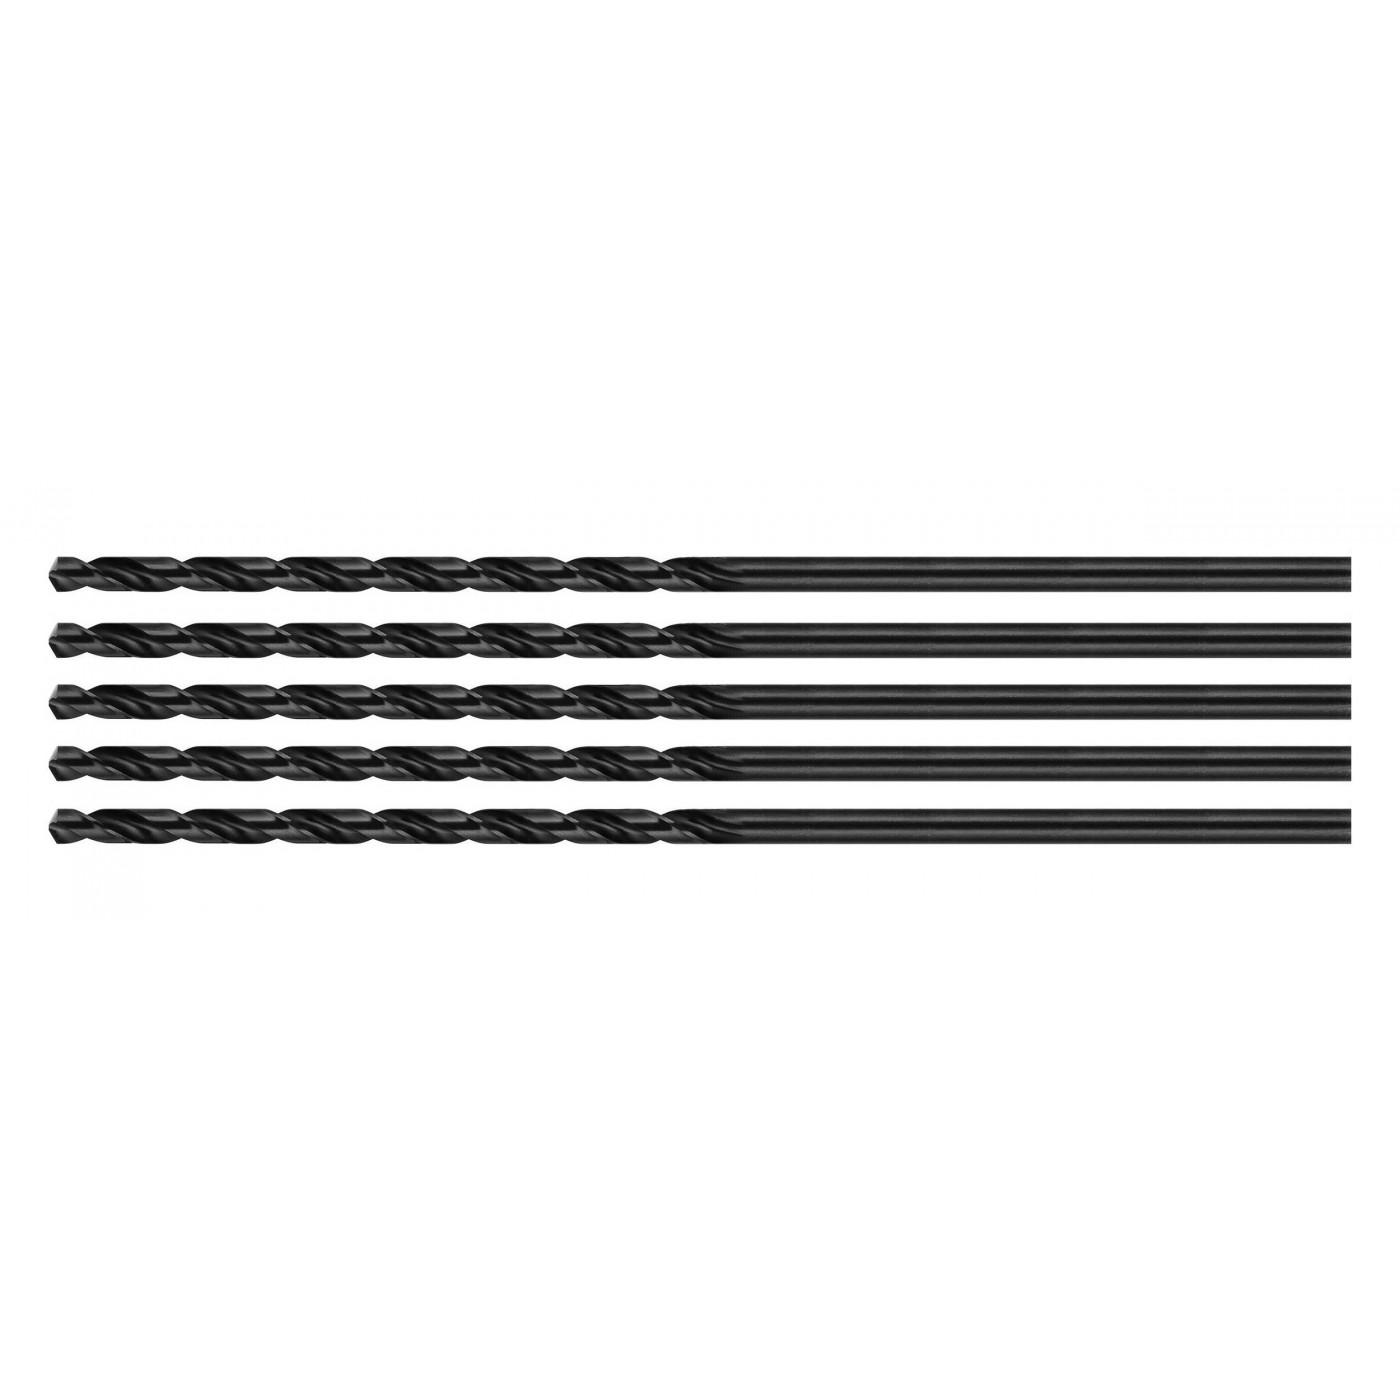 Set of 5 metal drill bits (HSS, 2.0x160 mm)